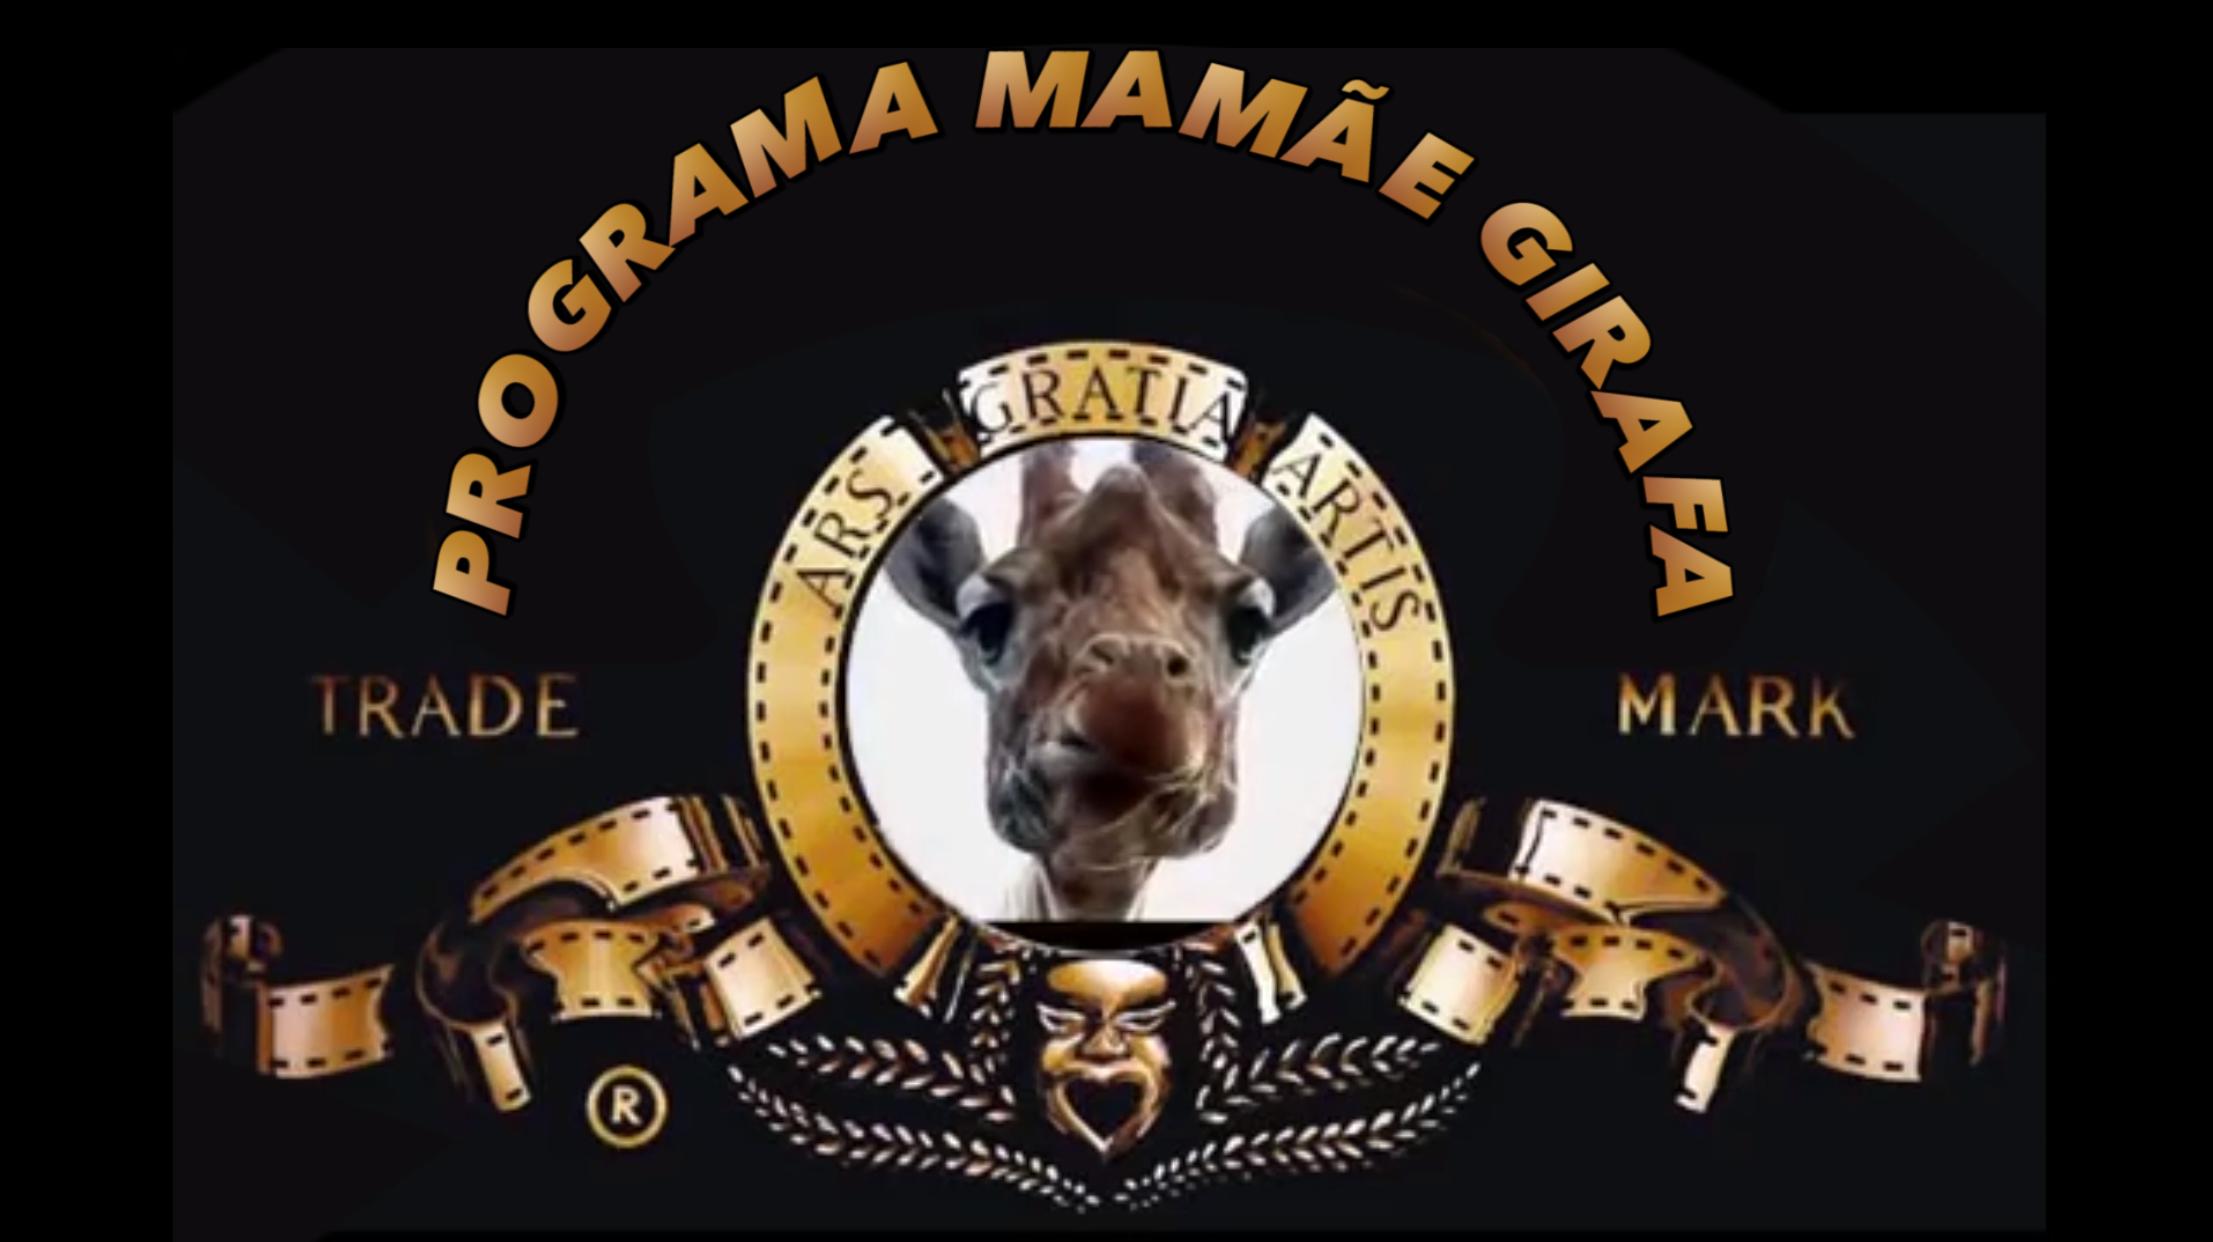 MAMAE GIRAFA EP1 - 13.05.19_OK